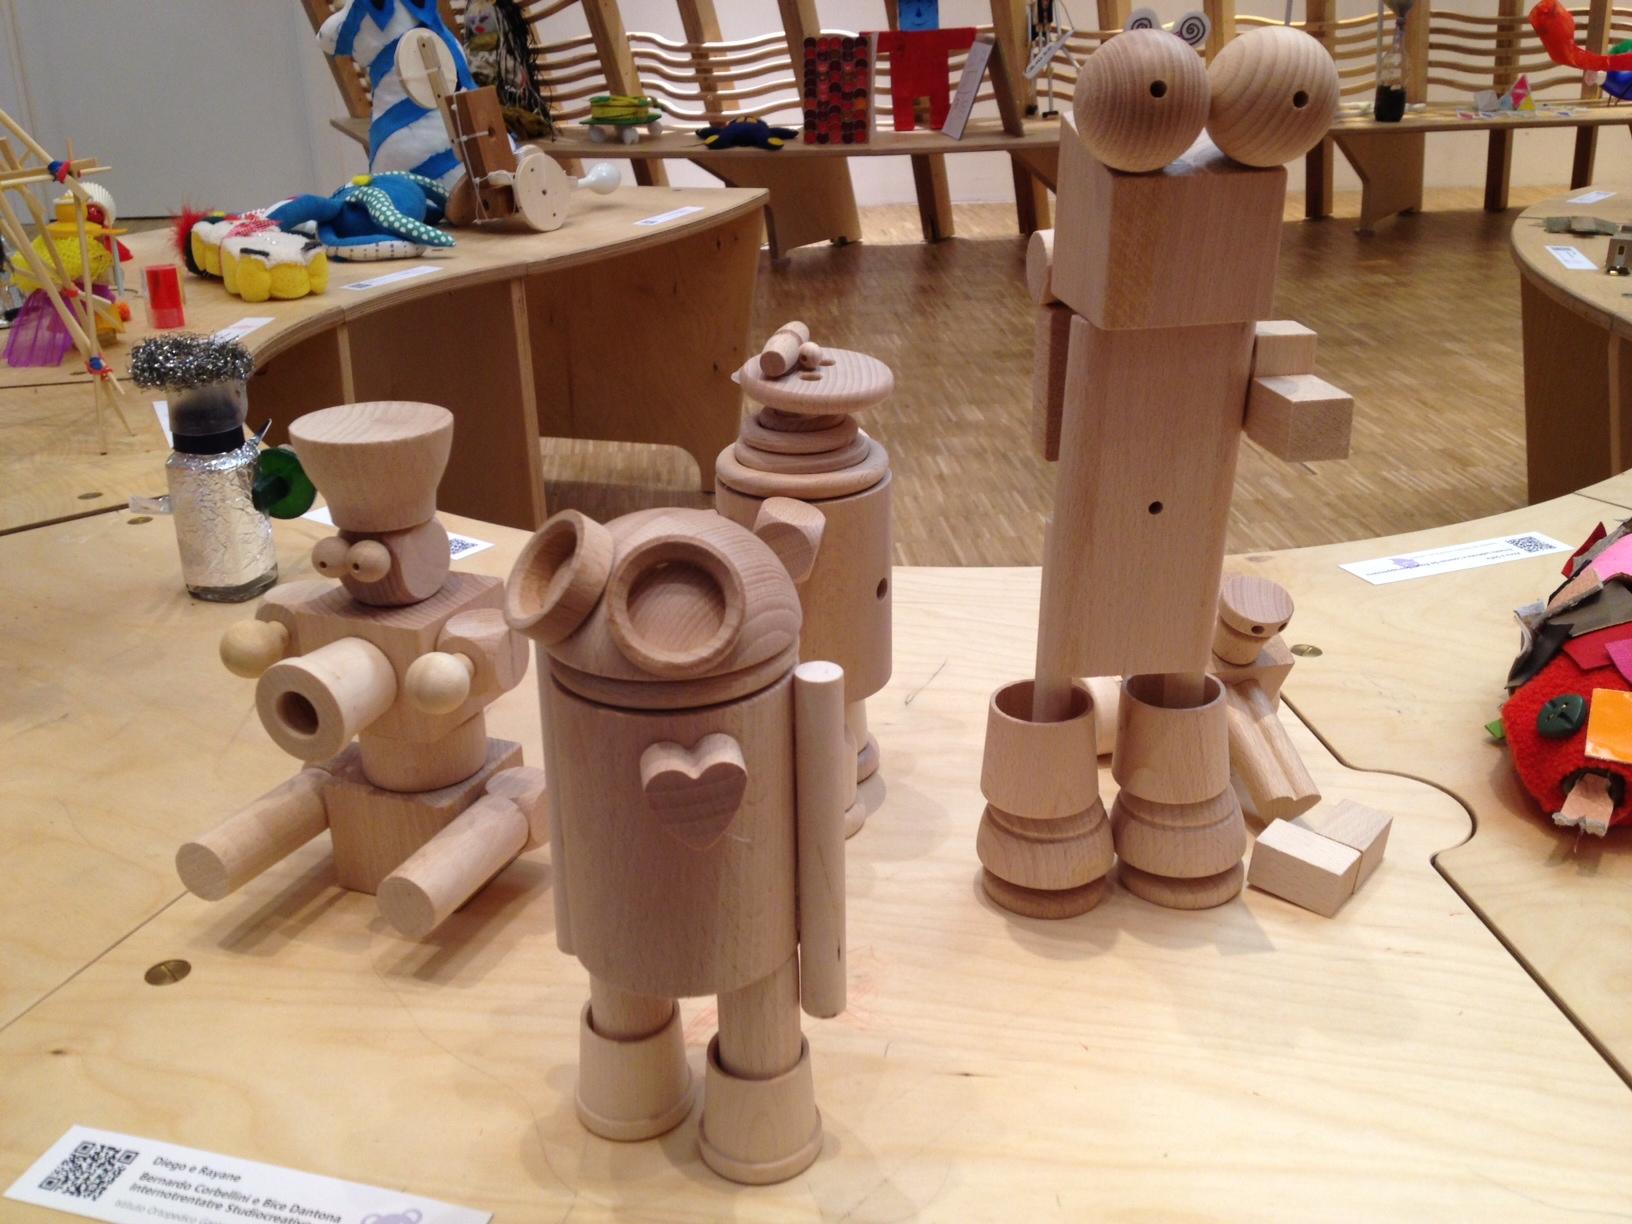 Mostra Toyssimi alla Triennale di Milano